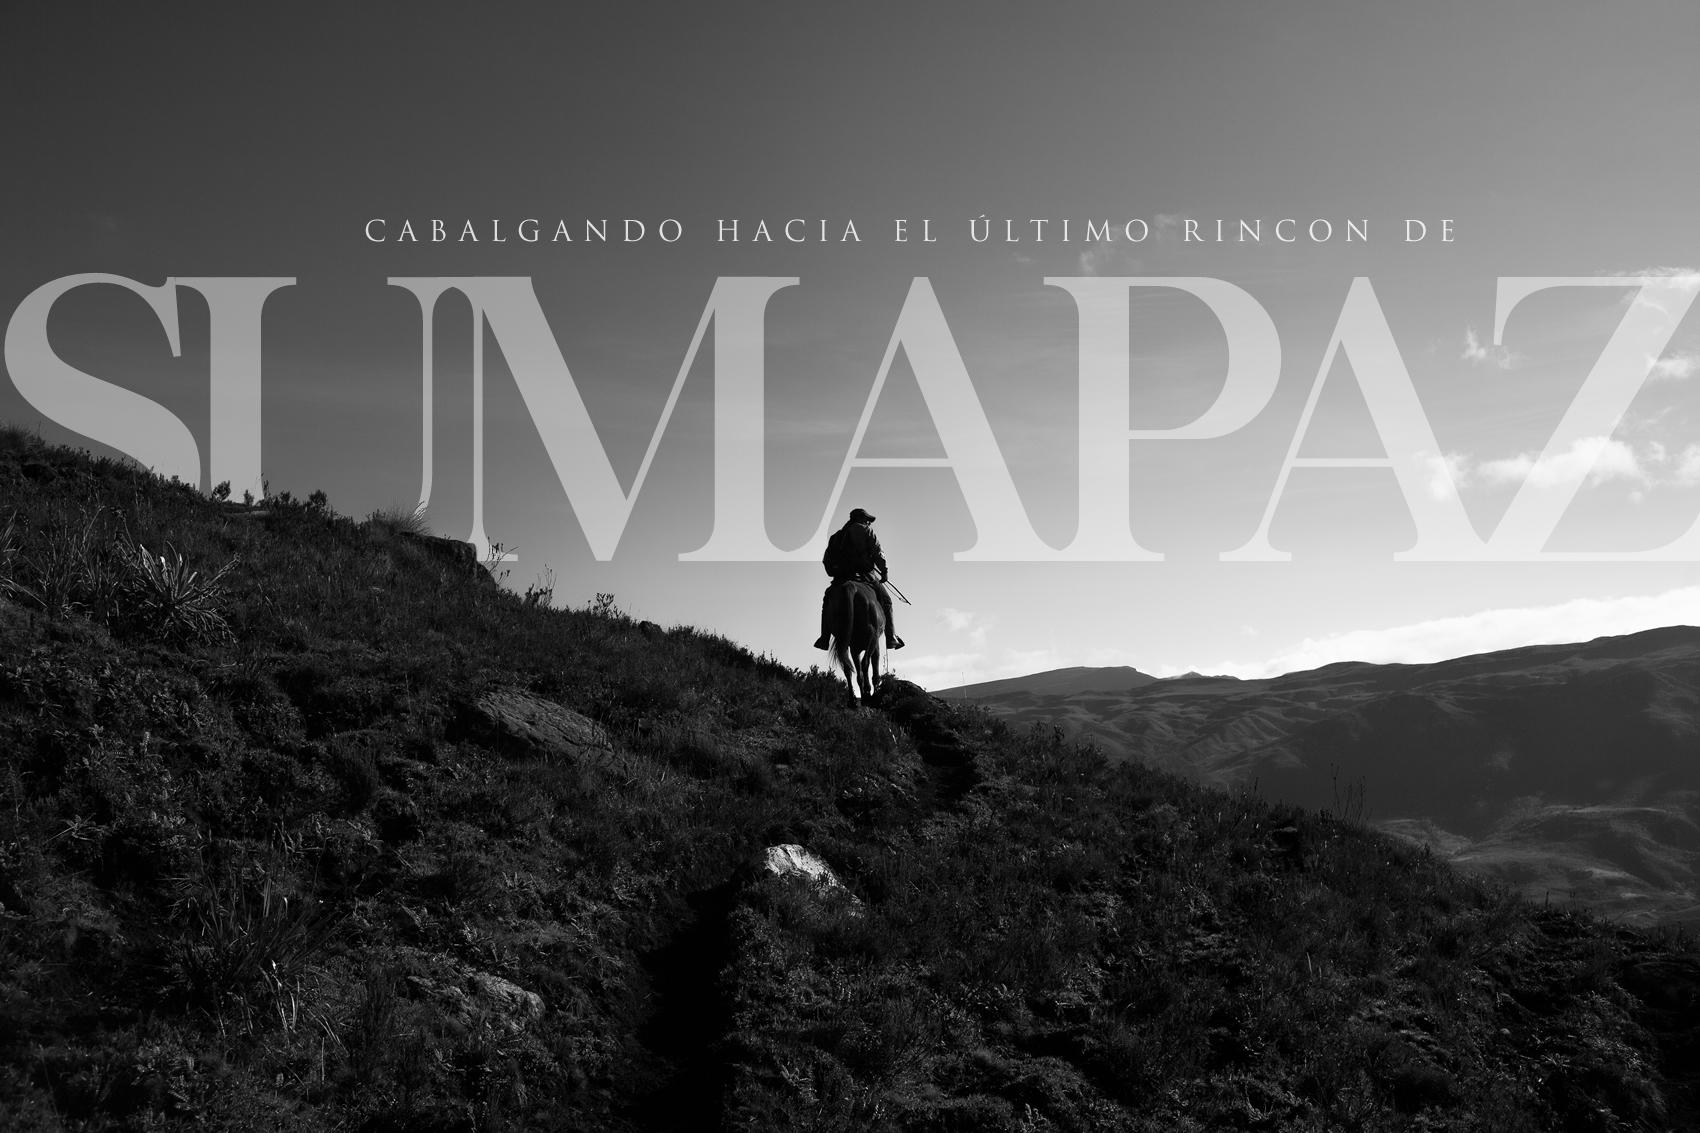 Cabalgando hacia el último rincón del Sumapaz